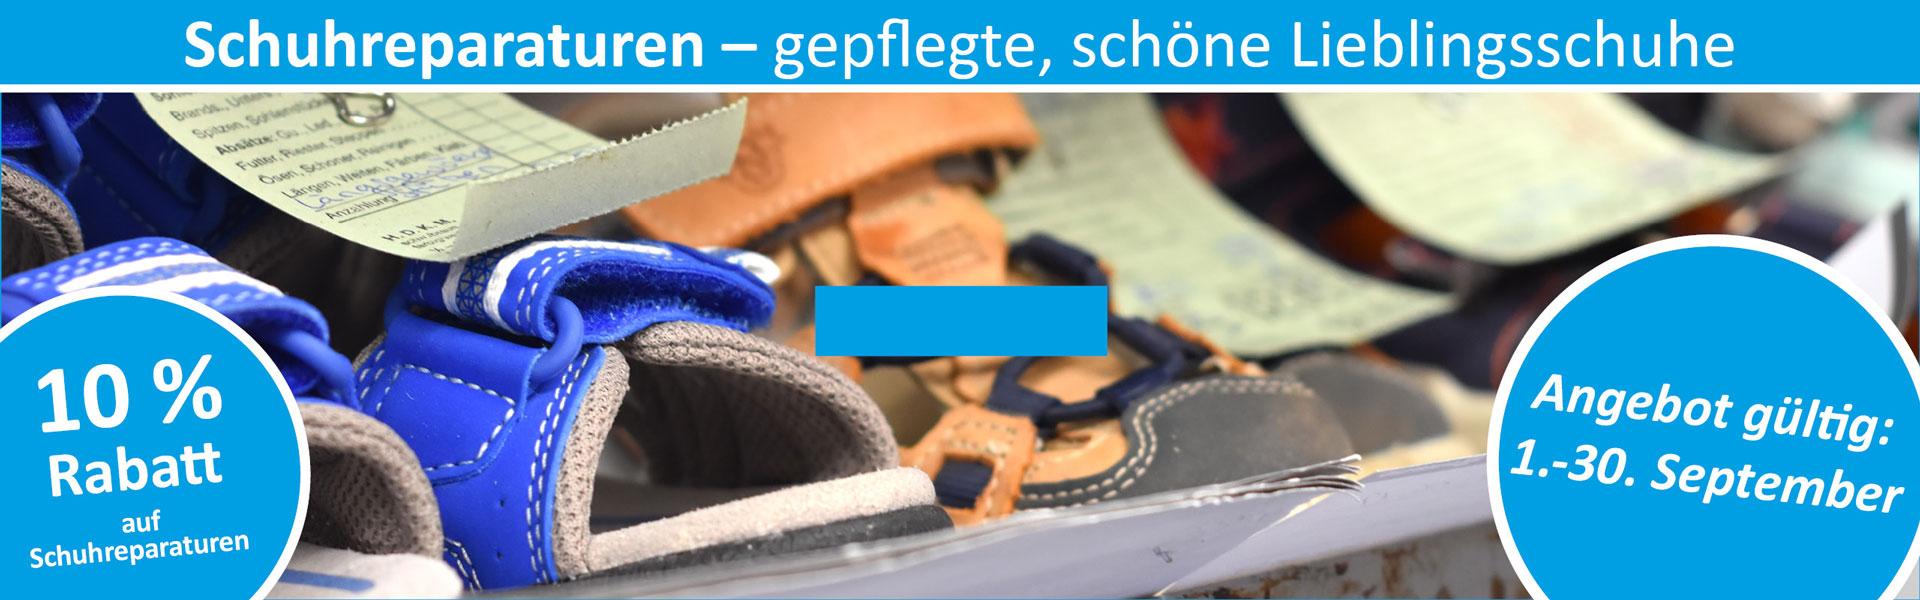 Sanitätshaus Lappe - Rabattaktion September 2019 - Schuhreparaturen